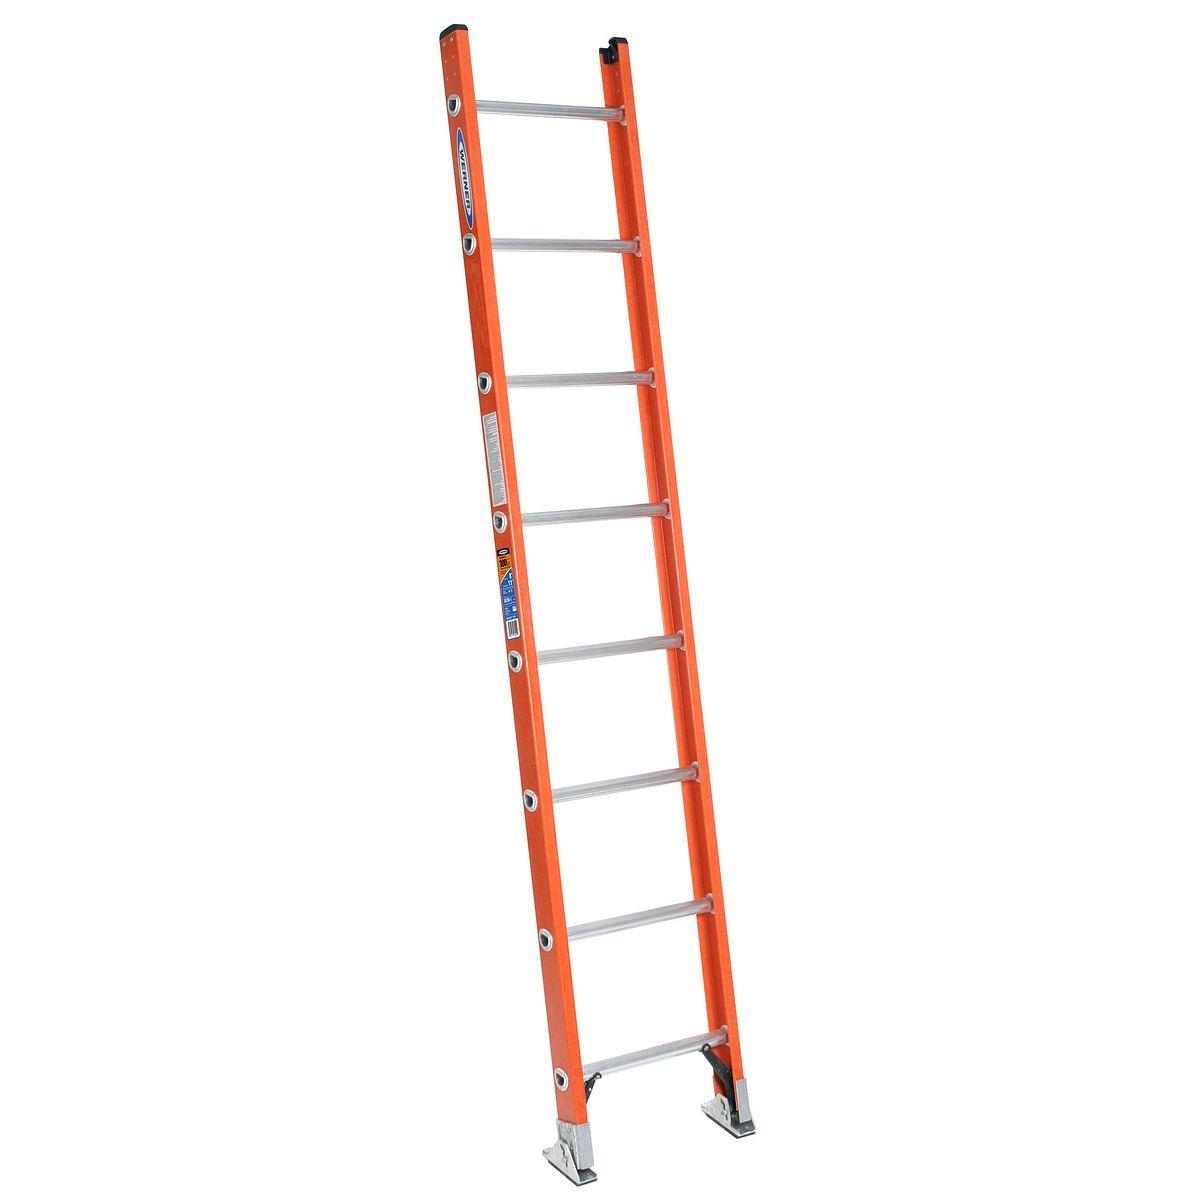 D6208 1 8 Ft Type Ia Fiberglass D Rung Straight Ladder